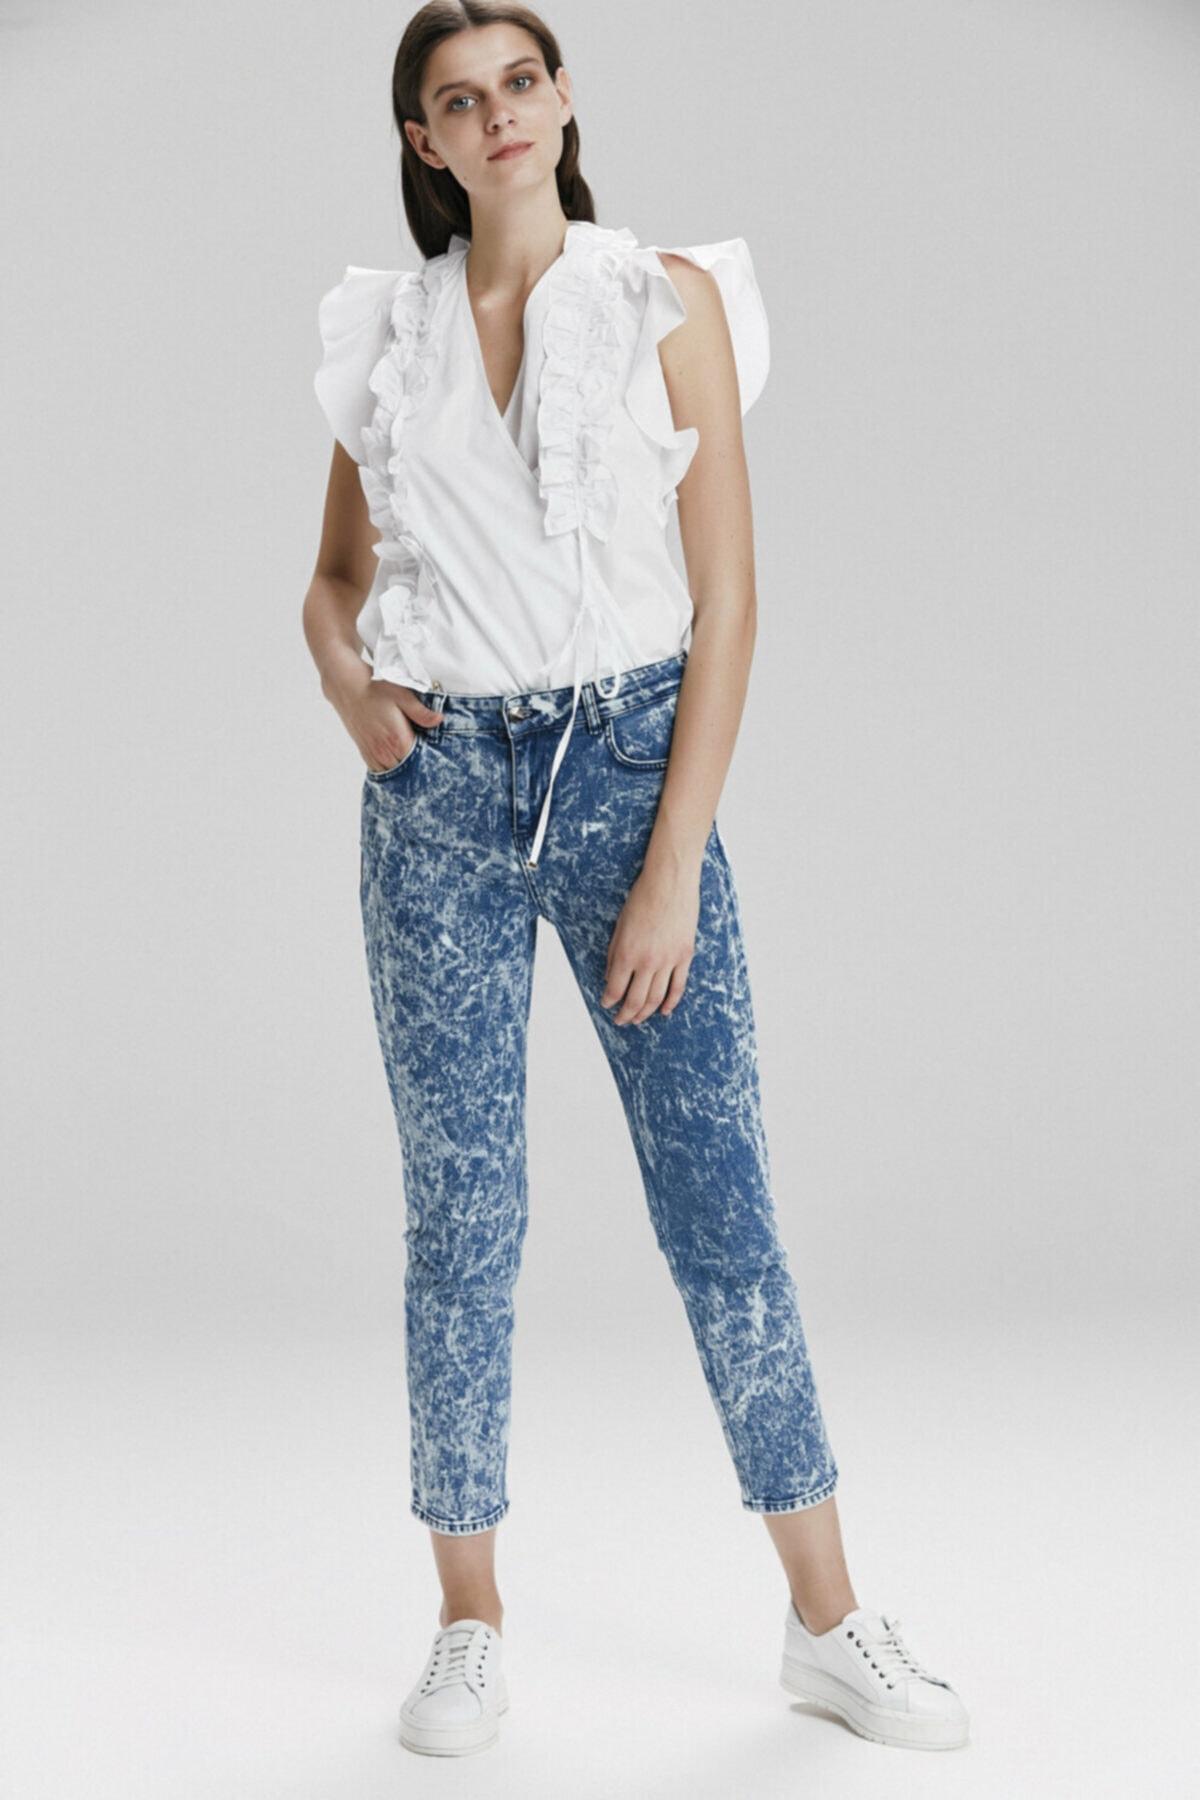 adL Kadın Mavi Denim Pantolon 153C1470000003 1